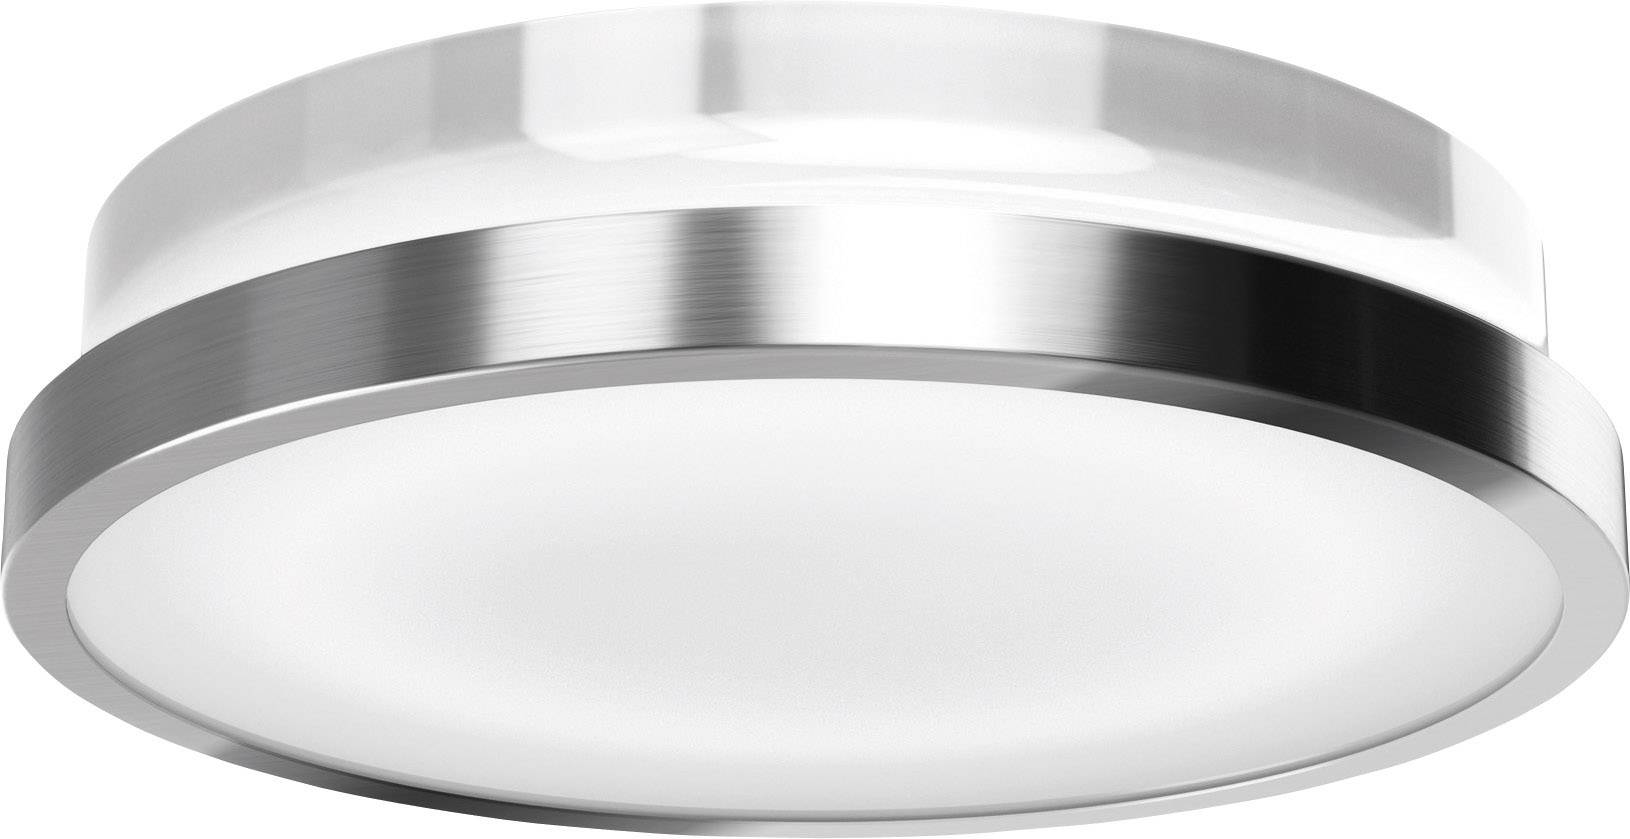 LEDvonkajšie nástennéosvetlenie 20 W teplá biela OSRAM 4052899905627 strieborná